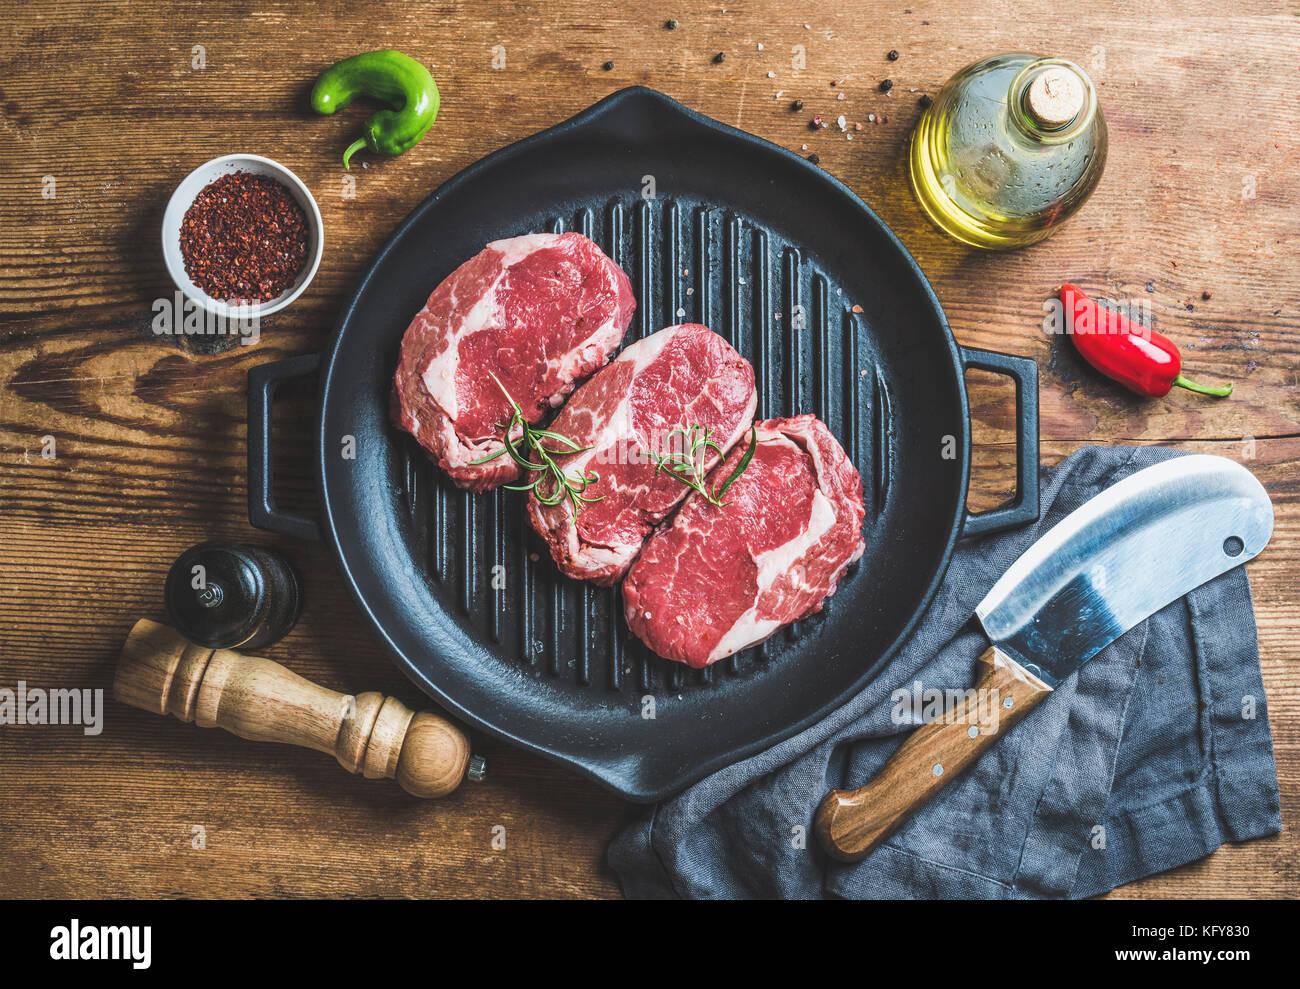 Ingredients for cooking Rib eye roast beef steak in pan - Stock Image